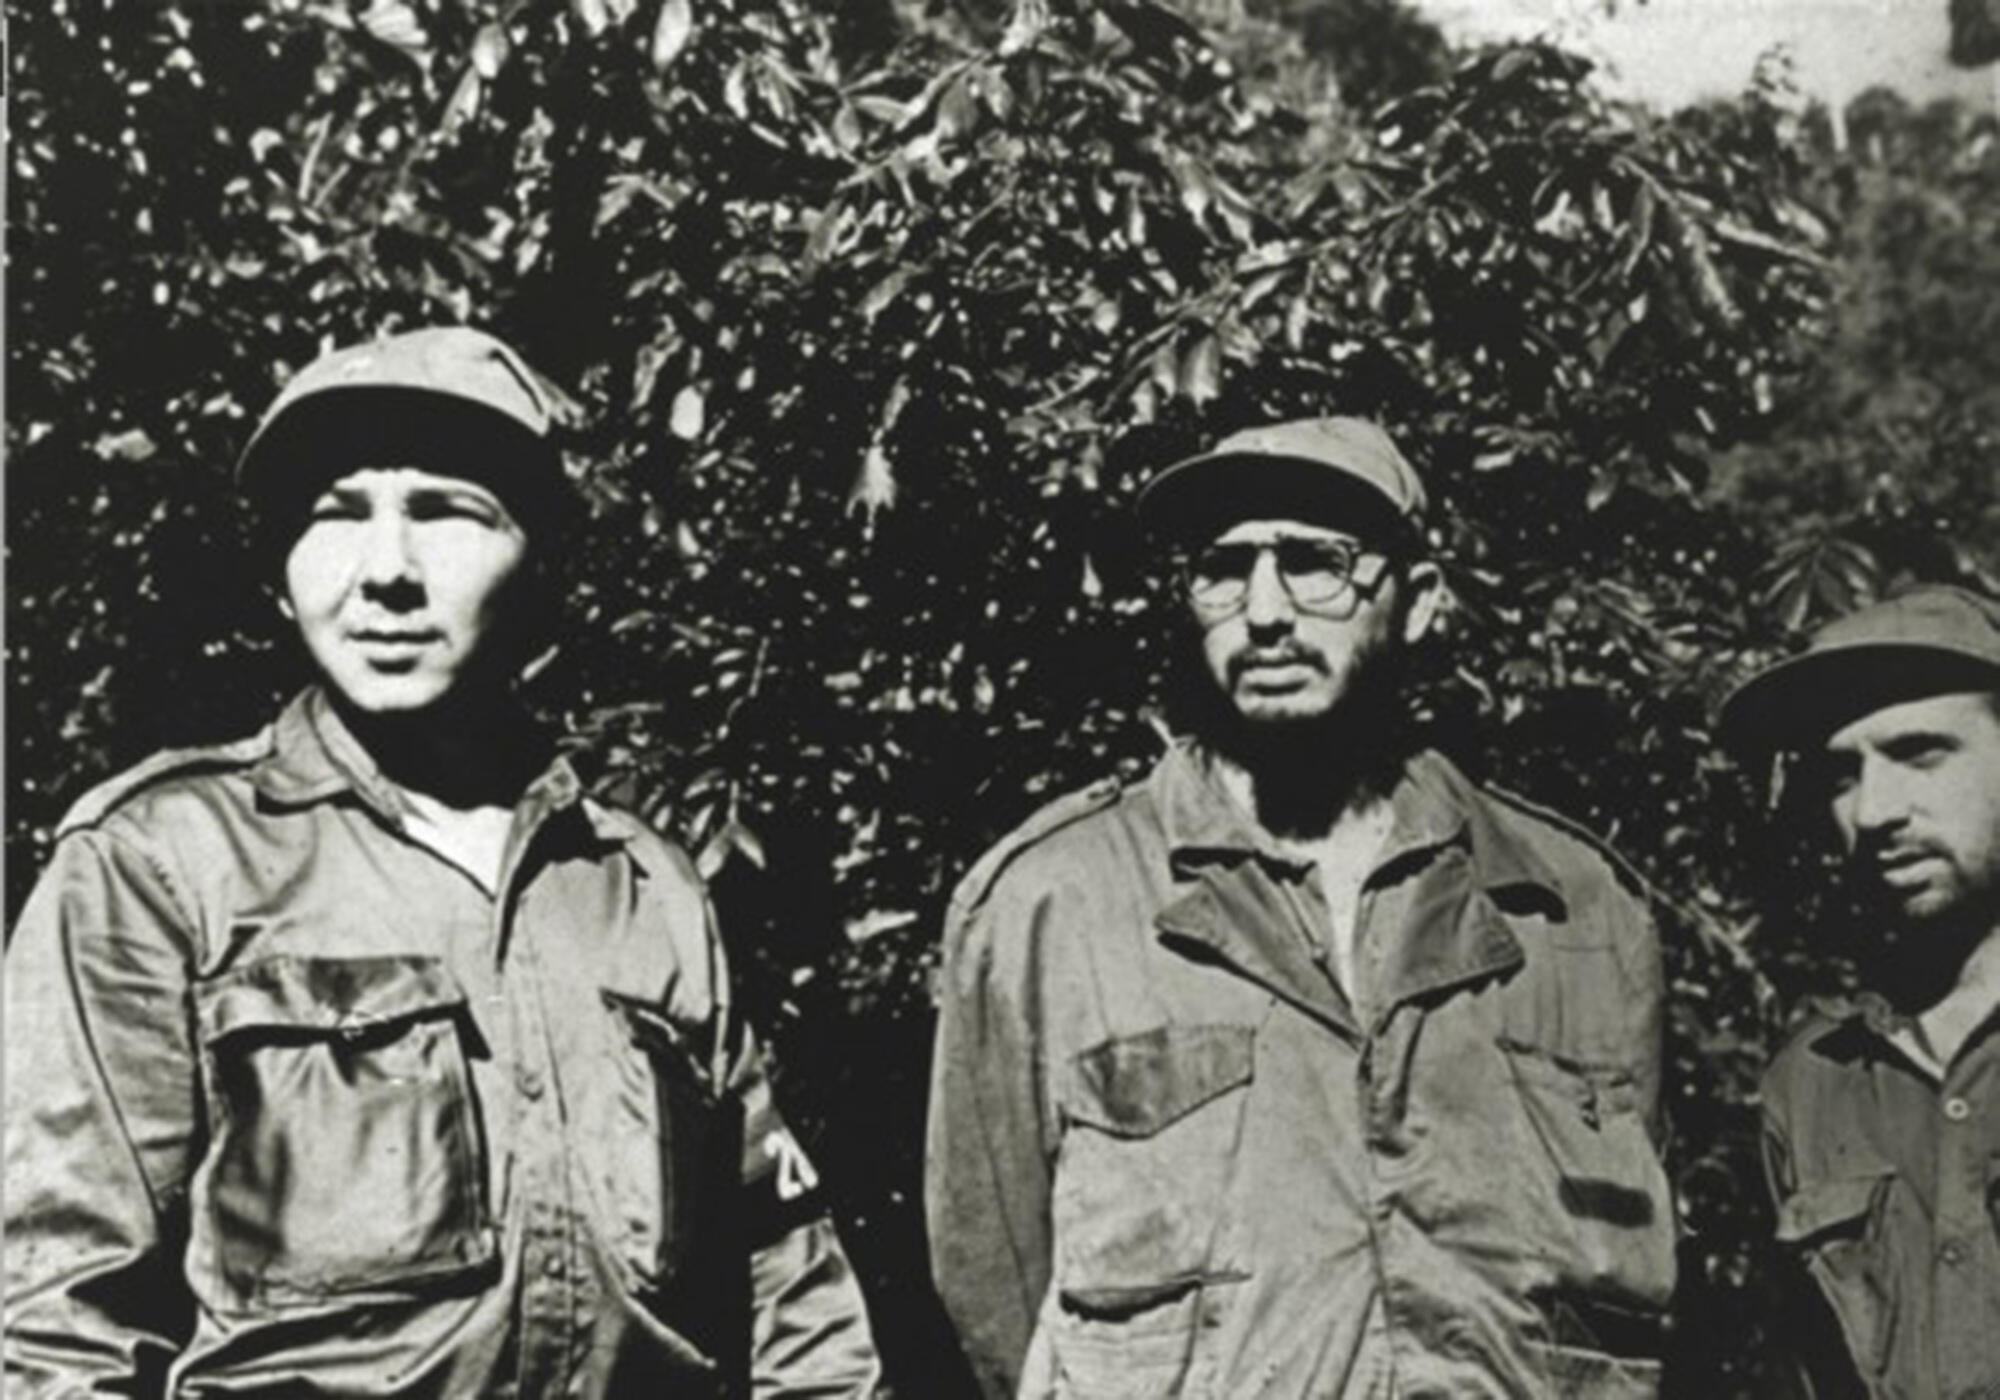 Une photographie d'archive montrant Raul Castro (G) et son frère Fidel Castro (D) dans la Sierra Maestra, à Cuba, à la fin des années 1950.